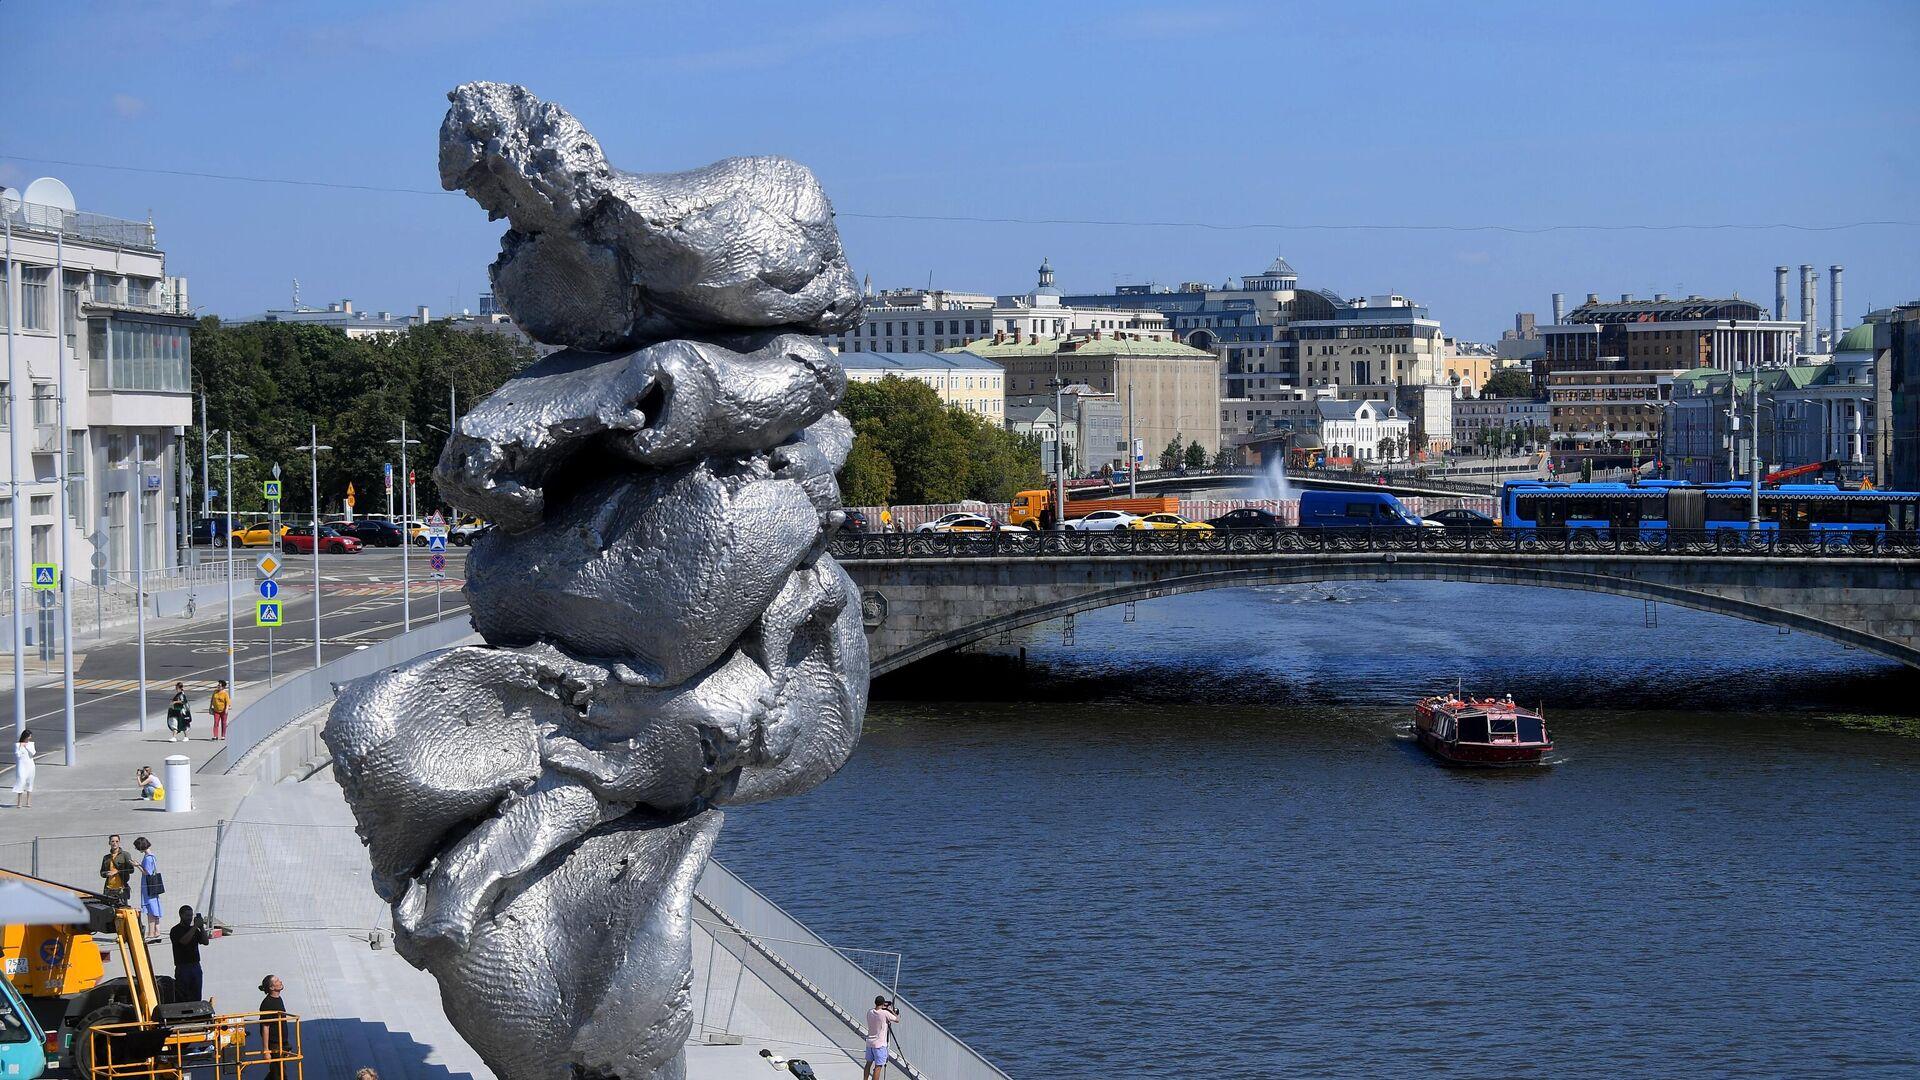 Скульптура Большая глина №4 в центре Москвы - РИА Новости, 1920, 16.09.2021